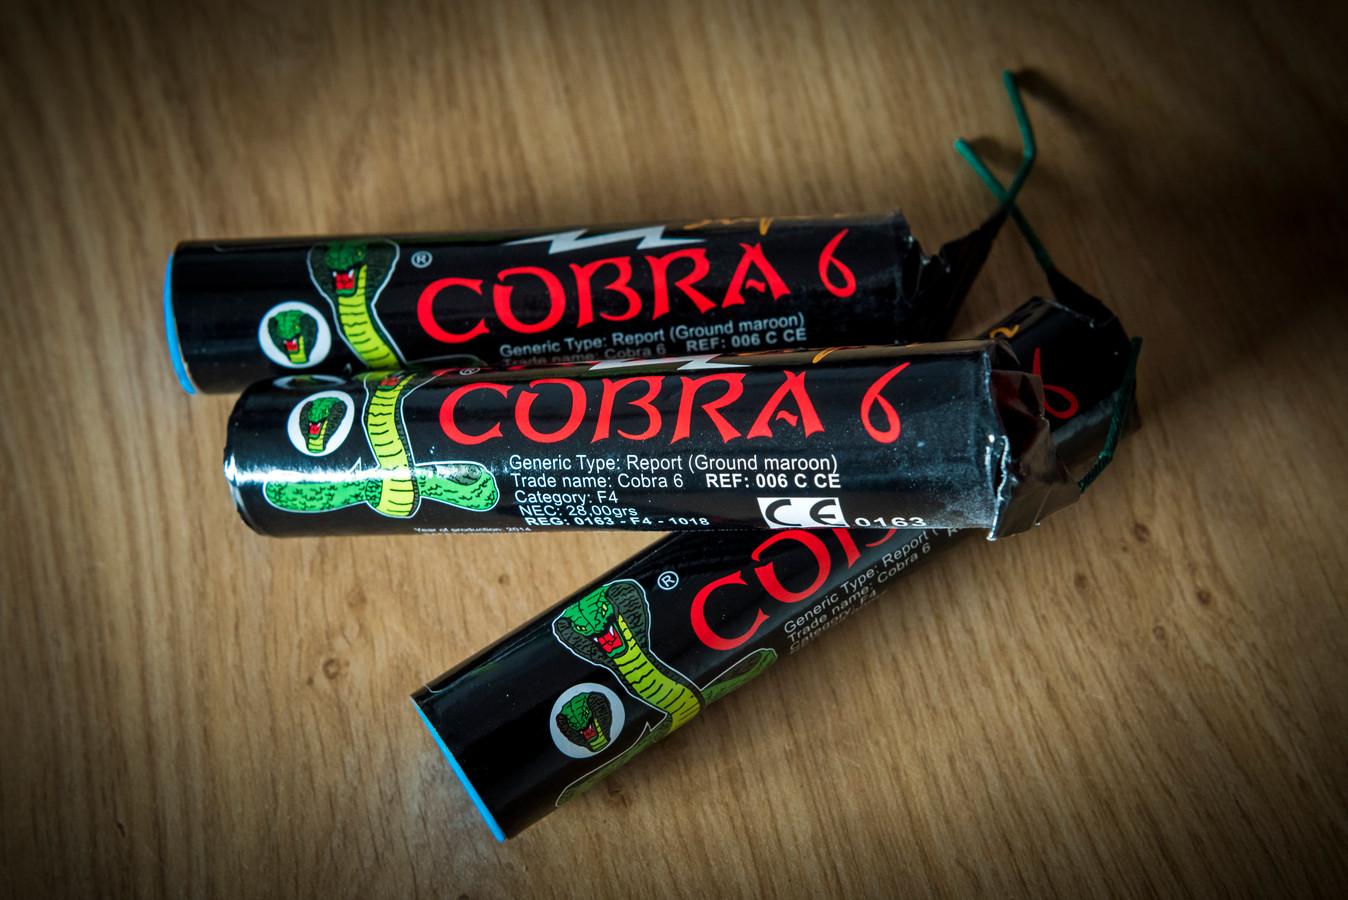 De cobra 6,  met een explosiekracht die vergelijkbaar is volgens justitie met een handgranaat.